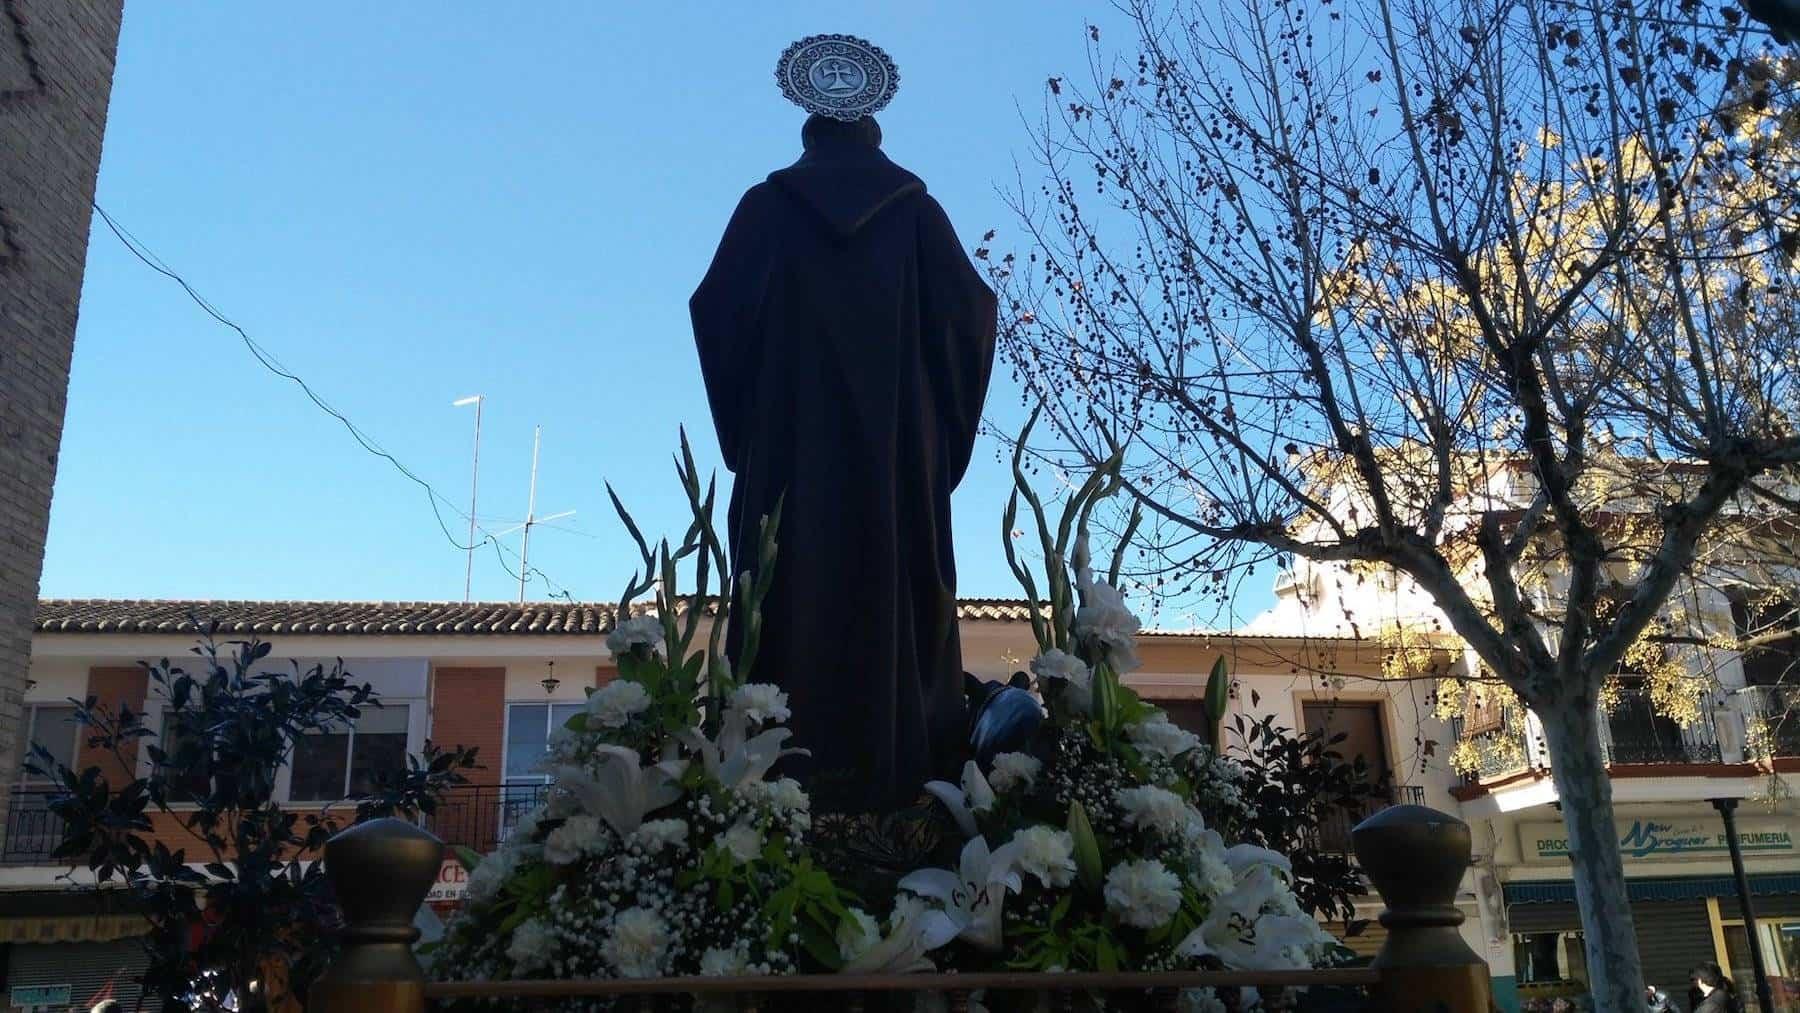 Herencia celebró la festividad de San Antón con su tradicional hoguera 9